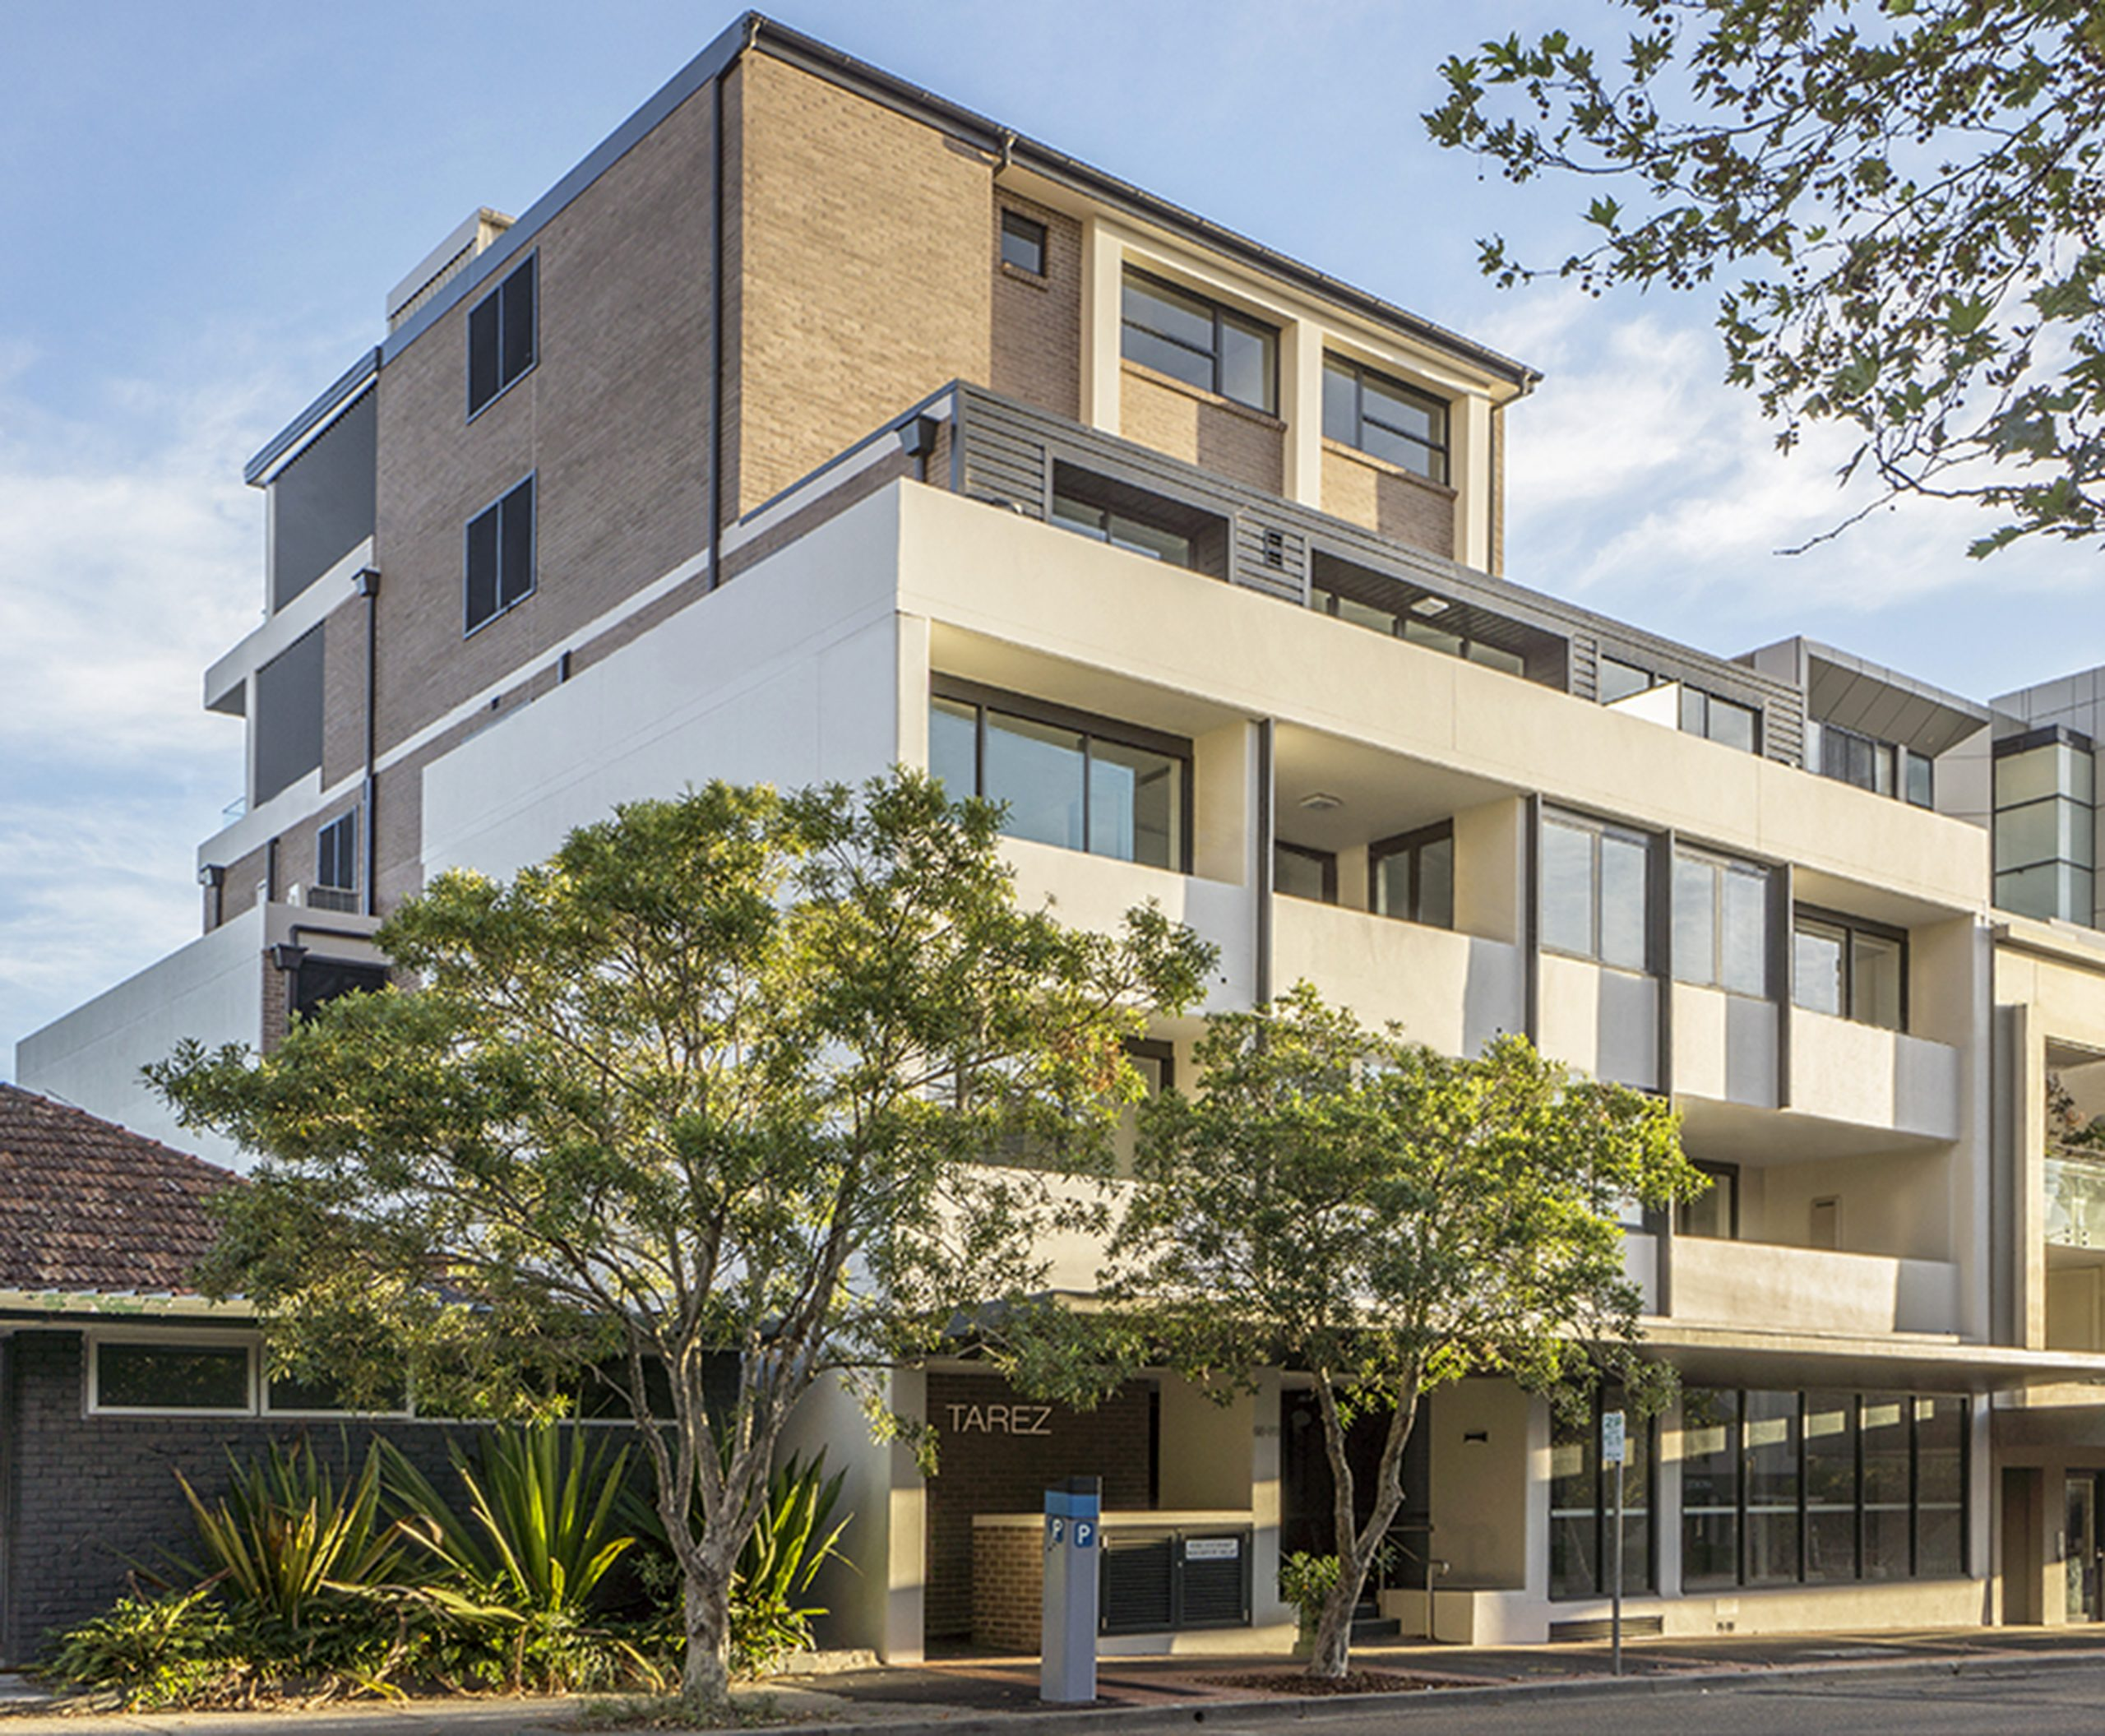 residential property developer